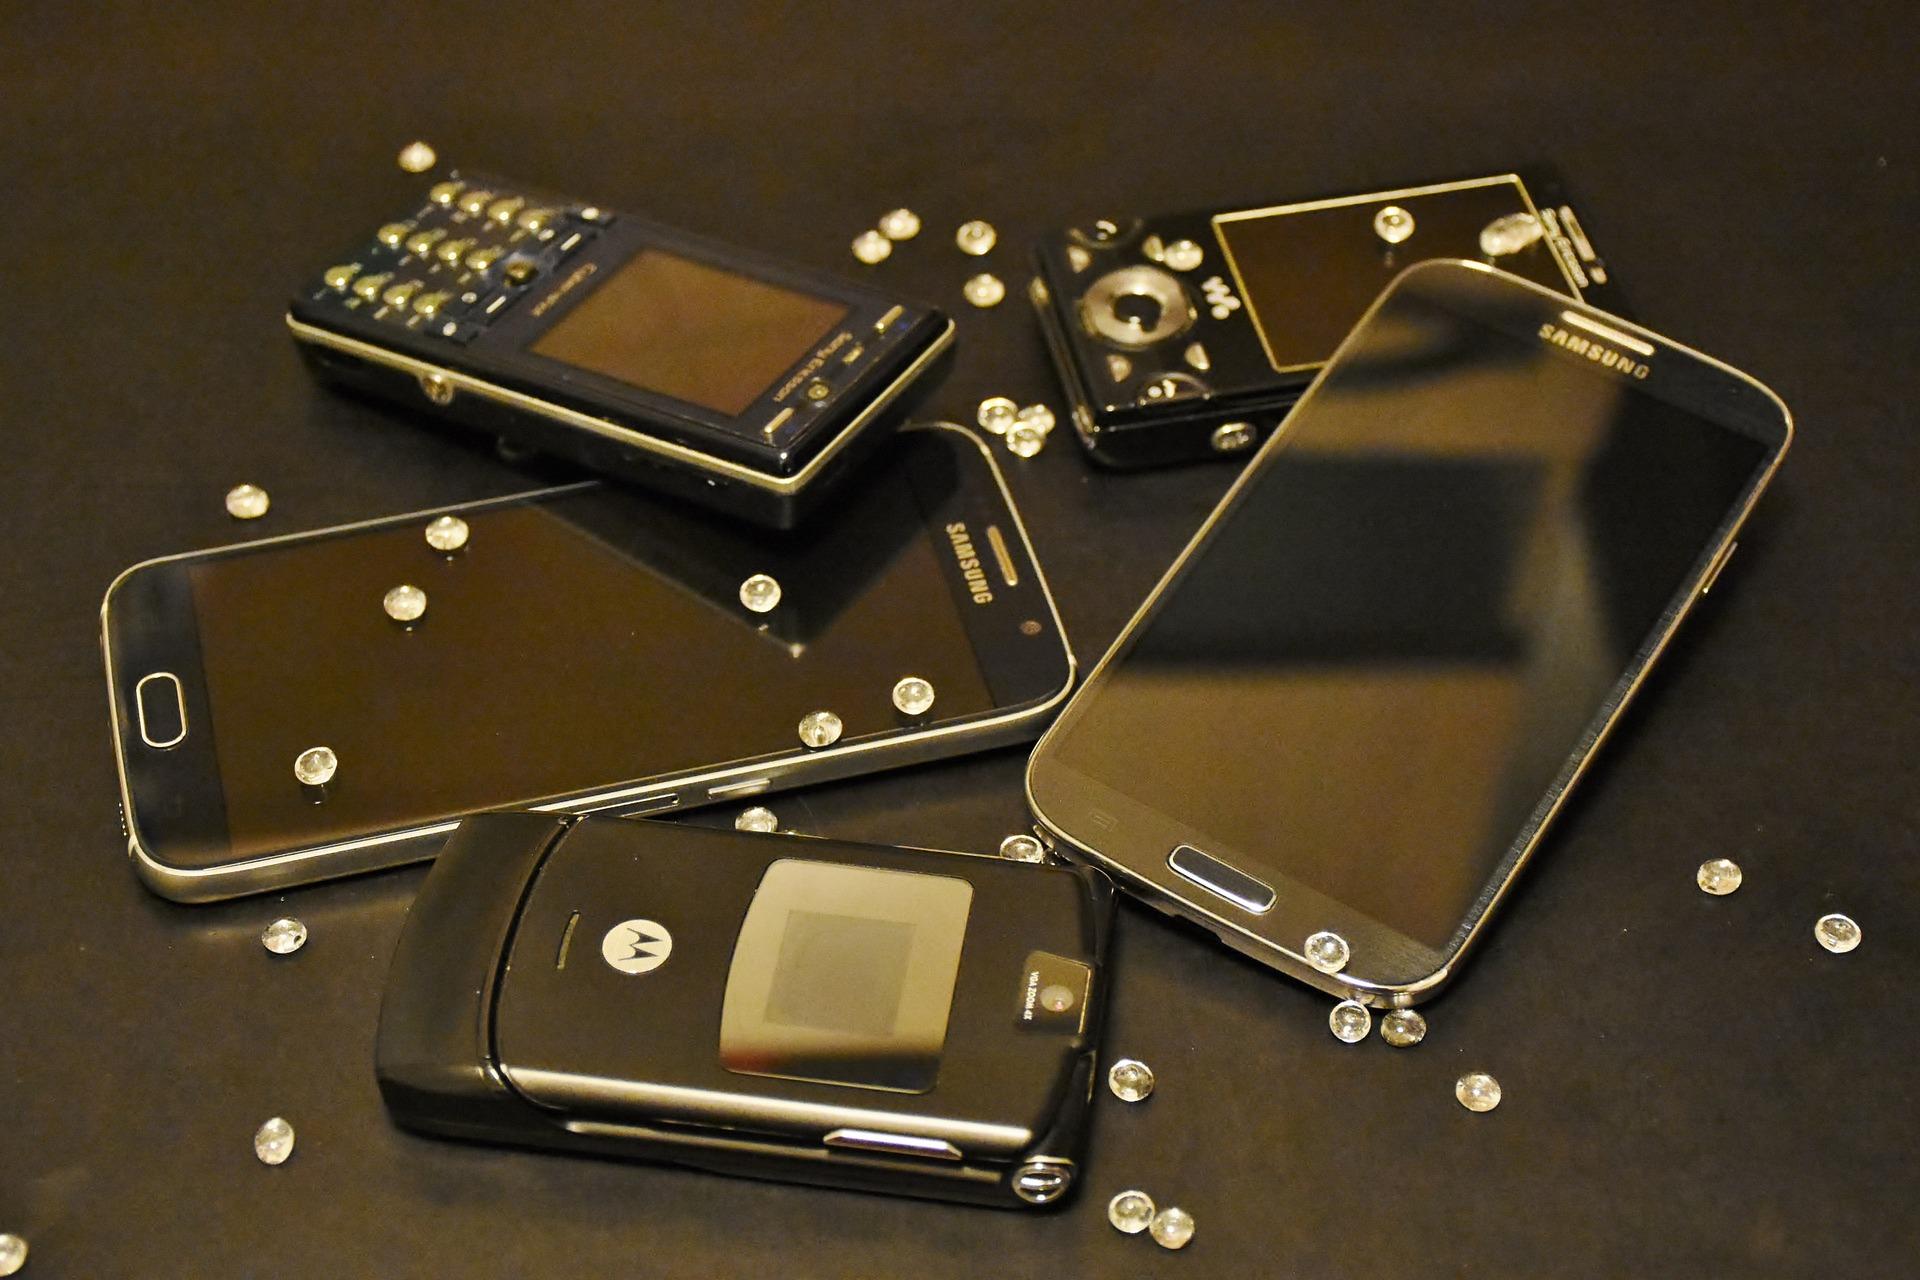 smartphone-1138916_1920